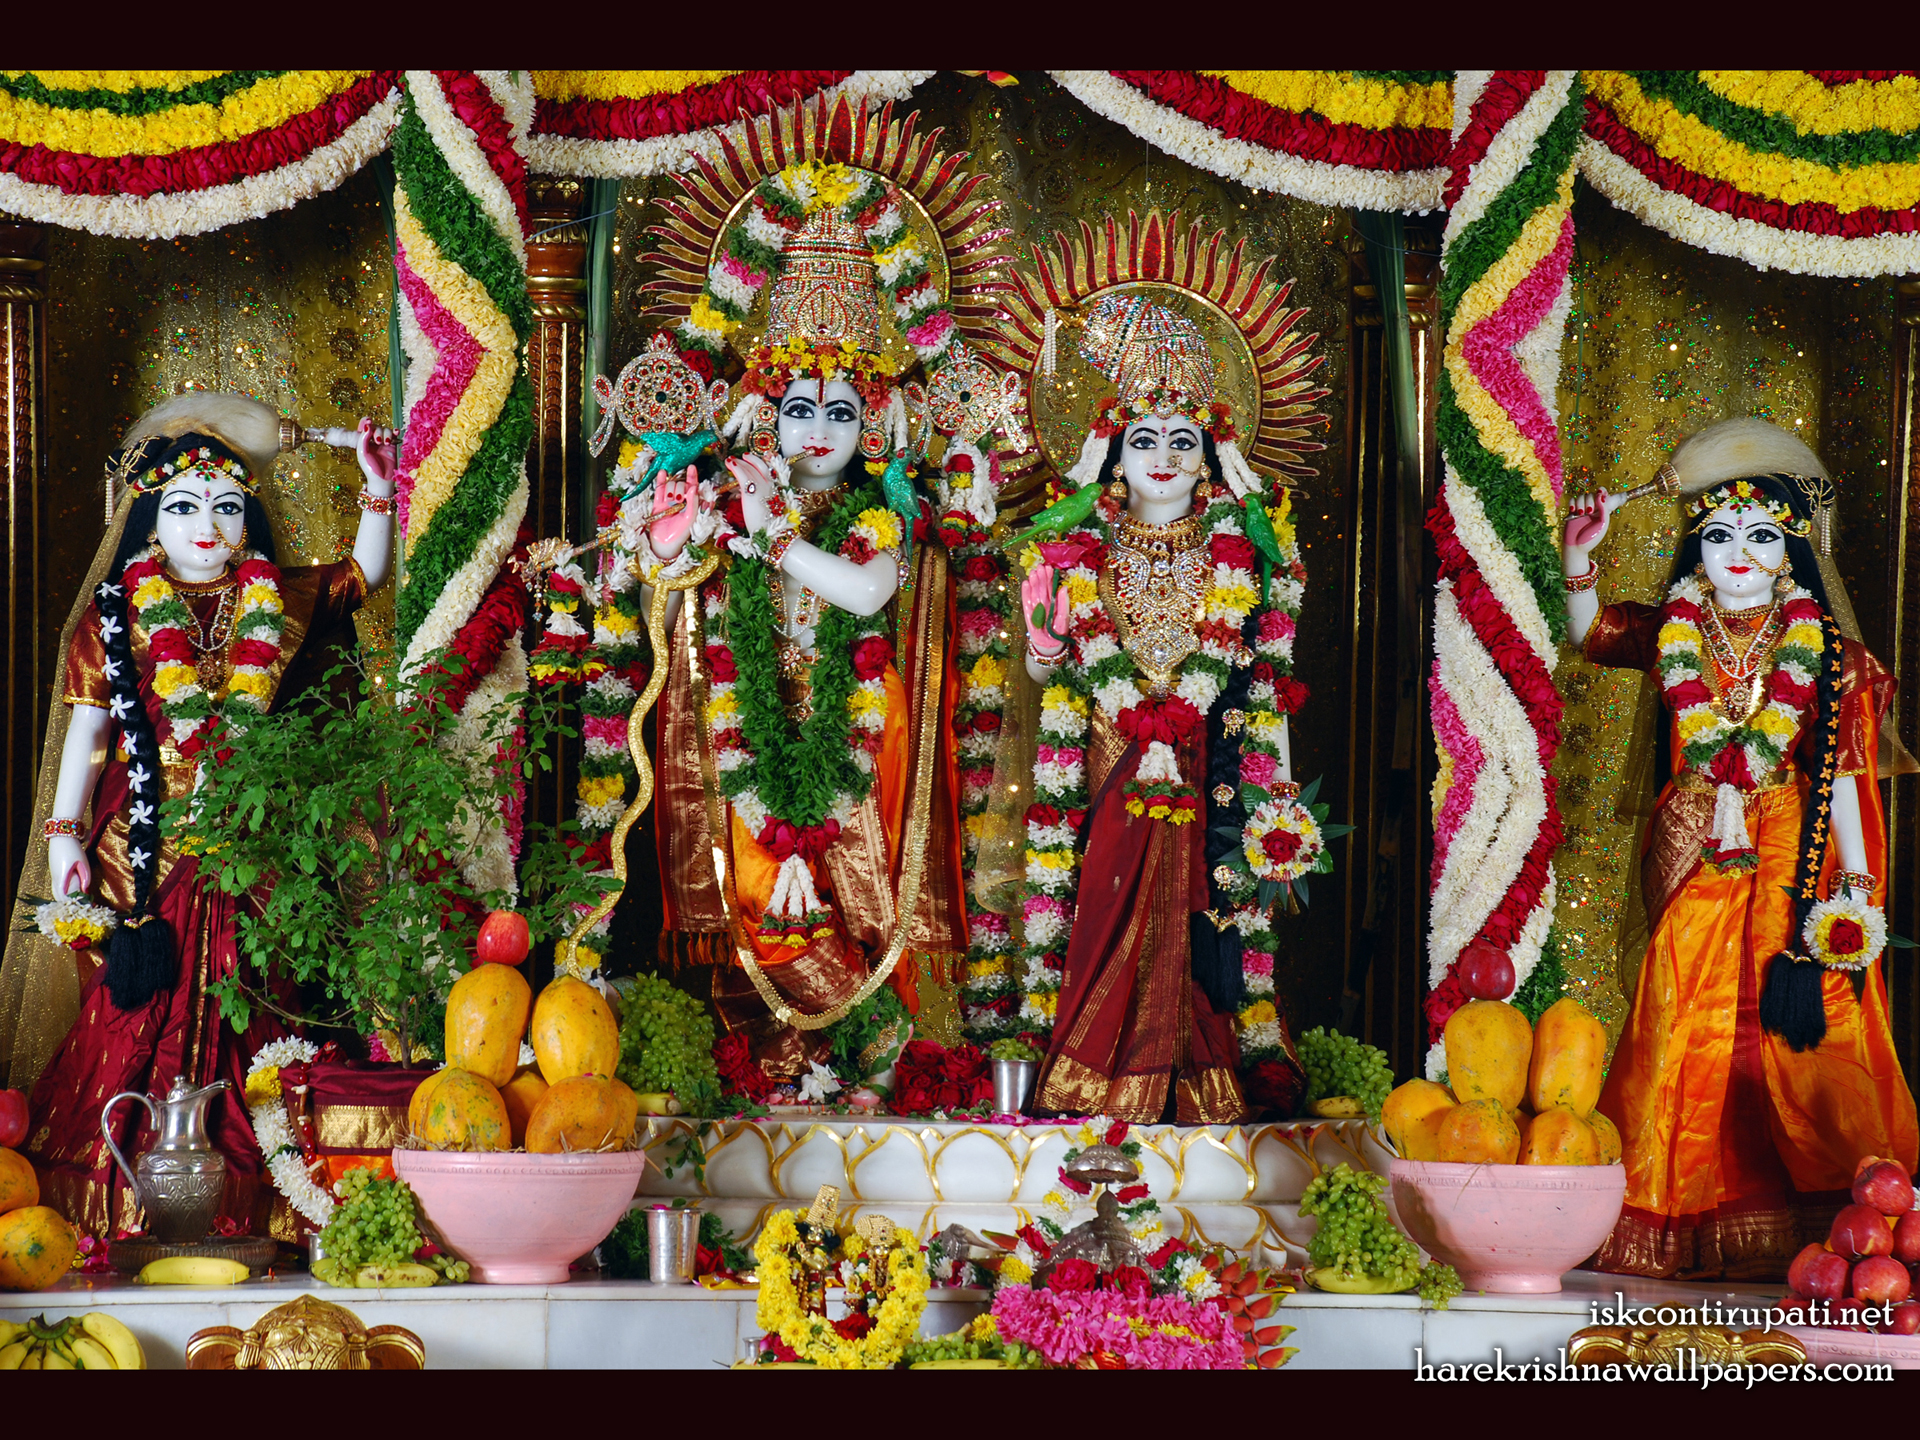 Sri Sri Radha Govinda Lalita Vishakha Wallpaper (001) Size 1920x1440 Download